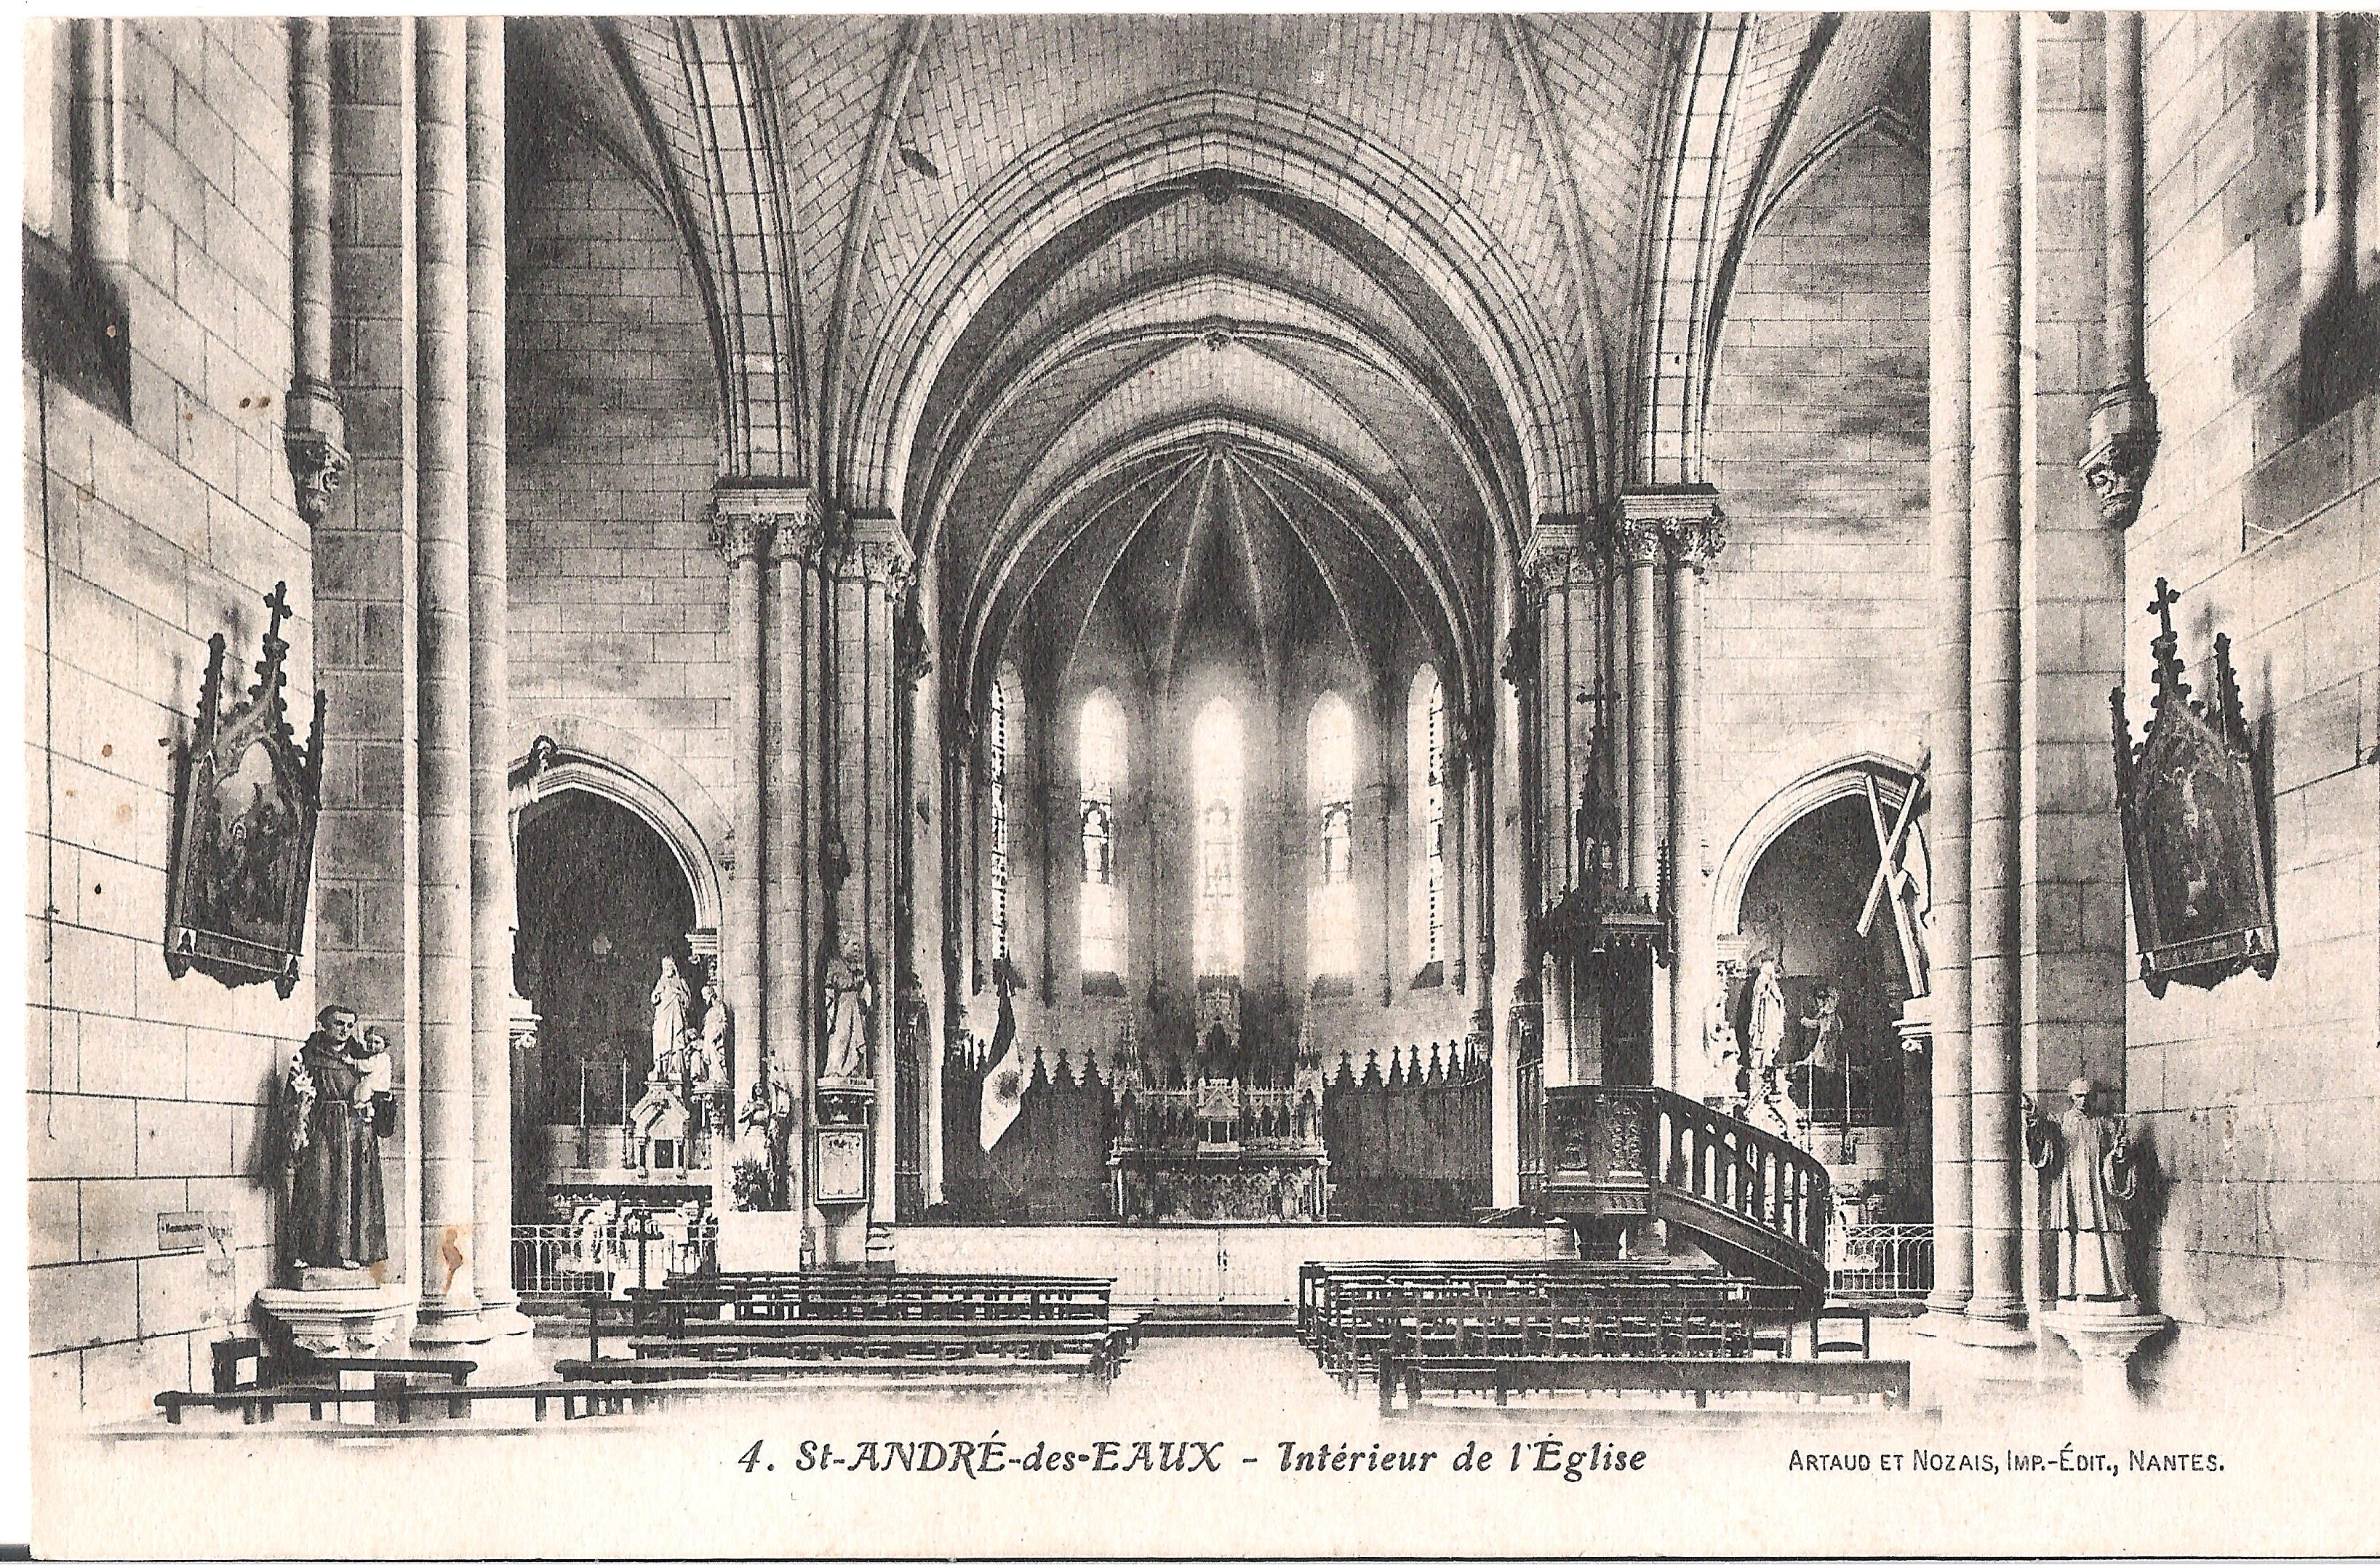 4 St-ANDRE-des-EAUX - Intérieur de l'Eglise